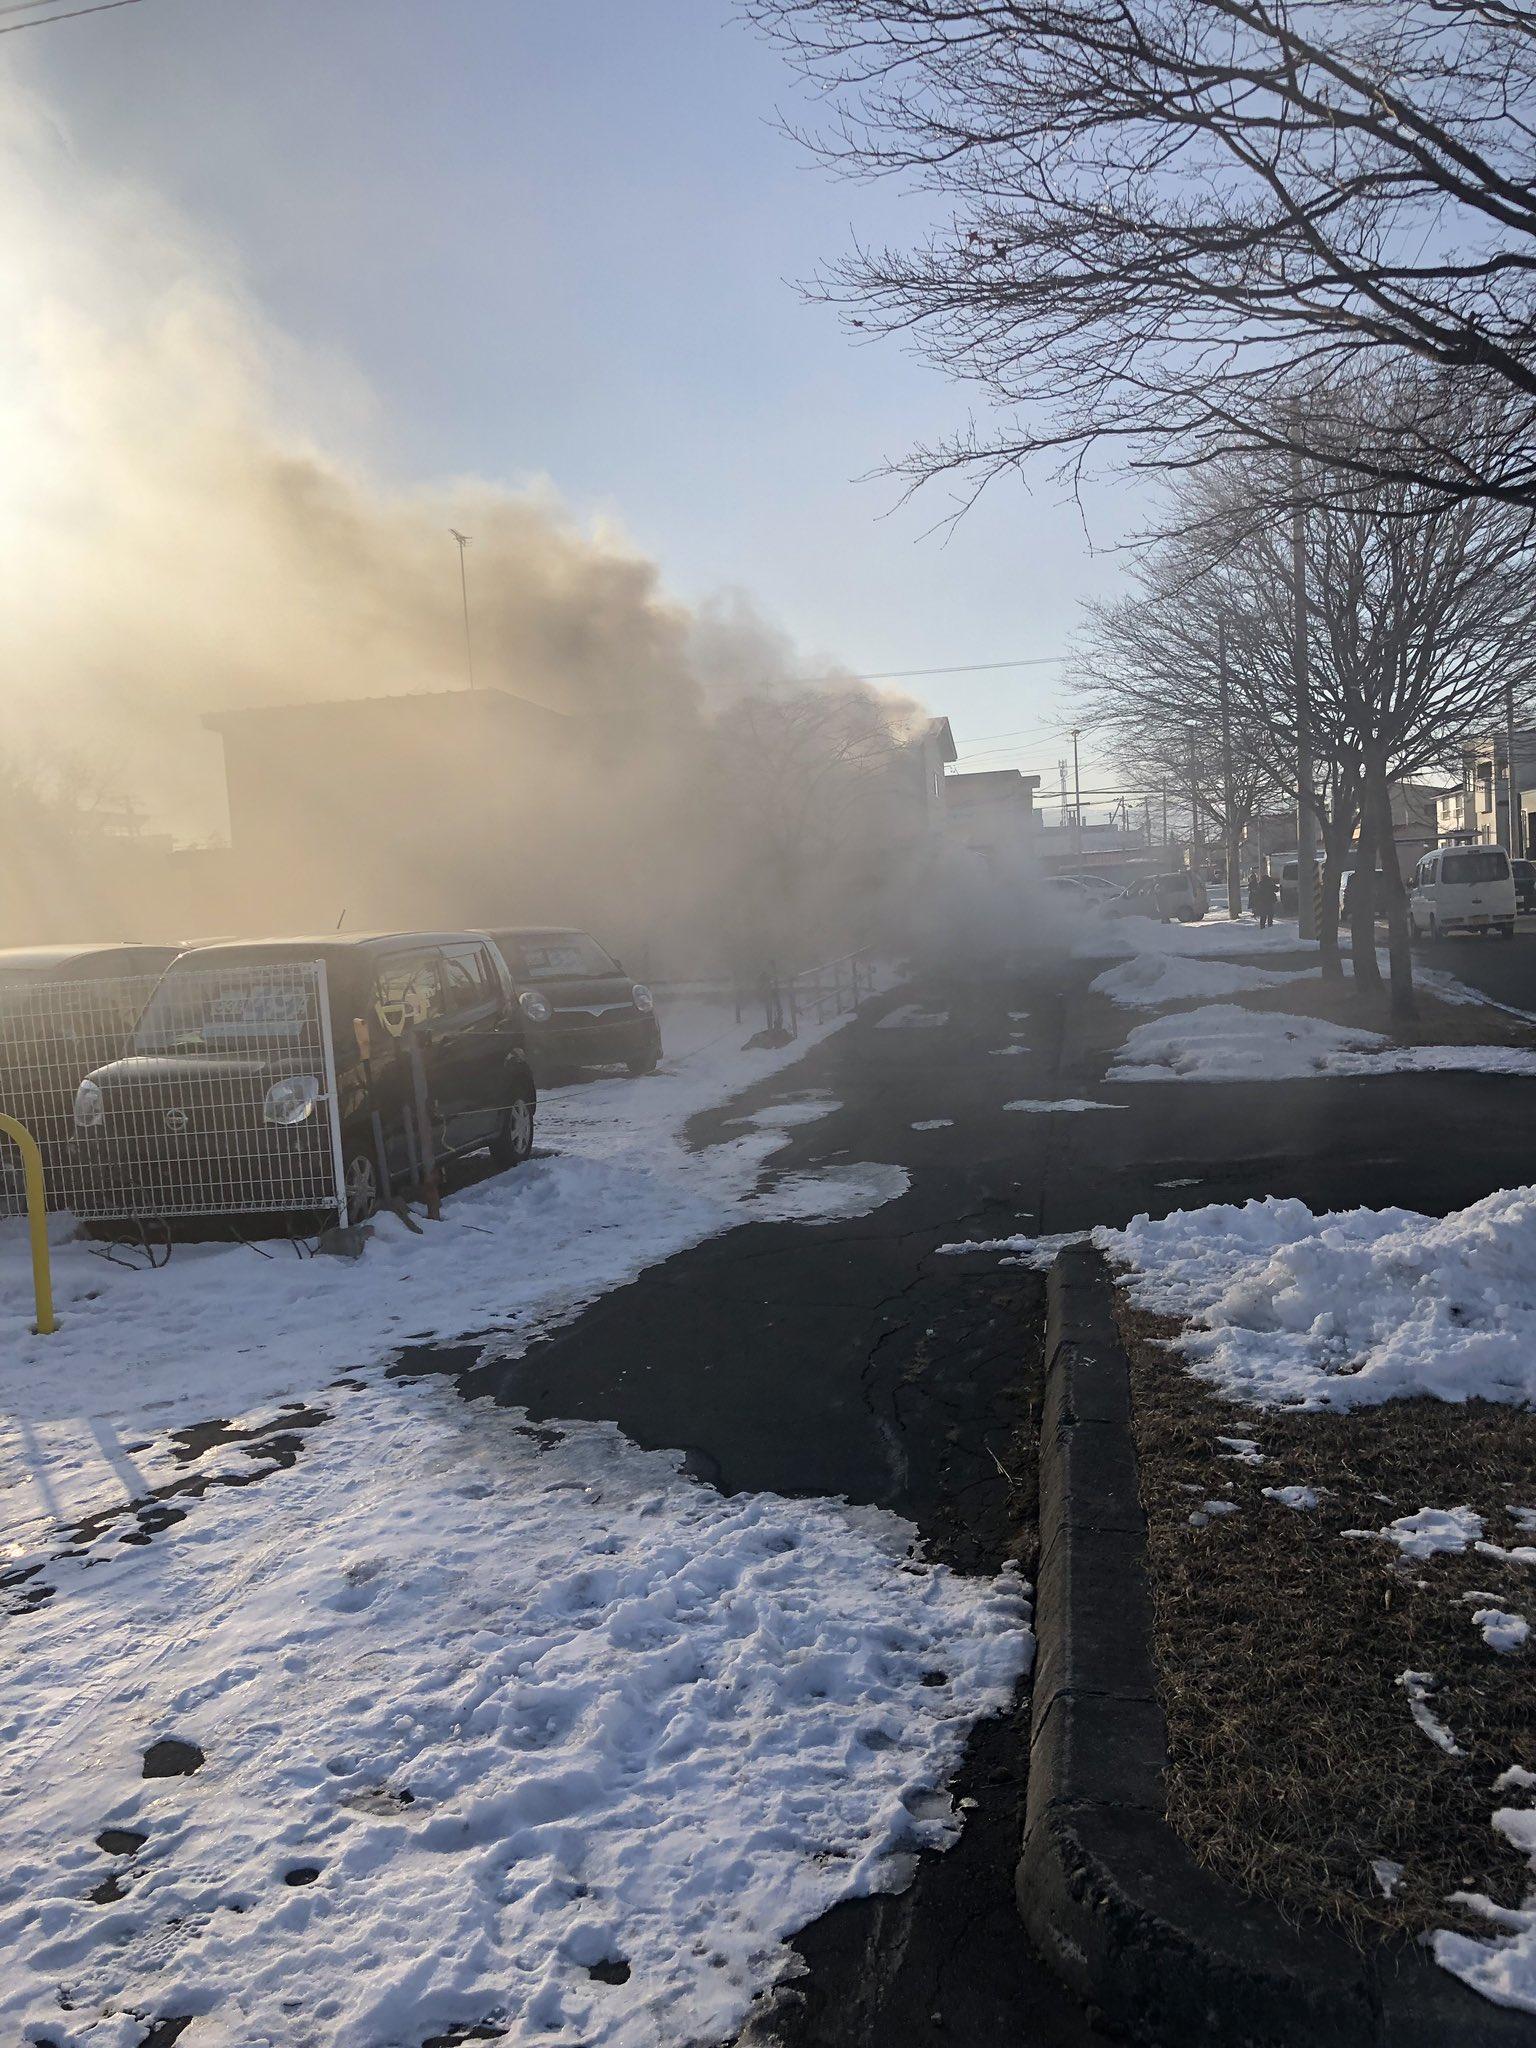 画像,ローソン 帯広西12条南二丁目店の裏方で火事です#帯広 #火事 https://t.co/EP2L9FWky6。